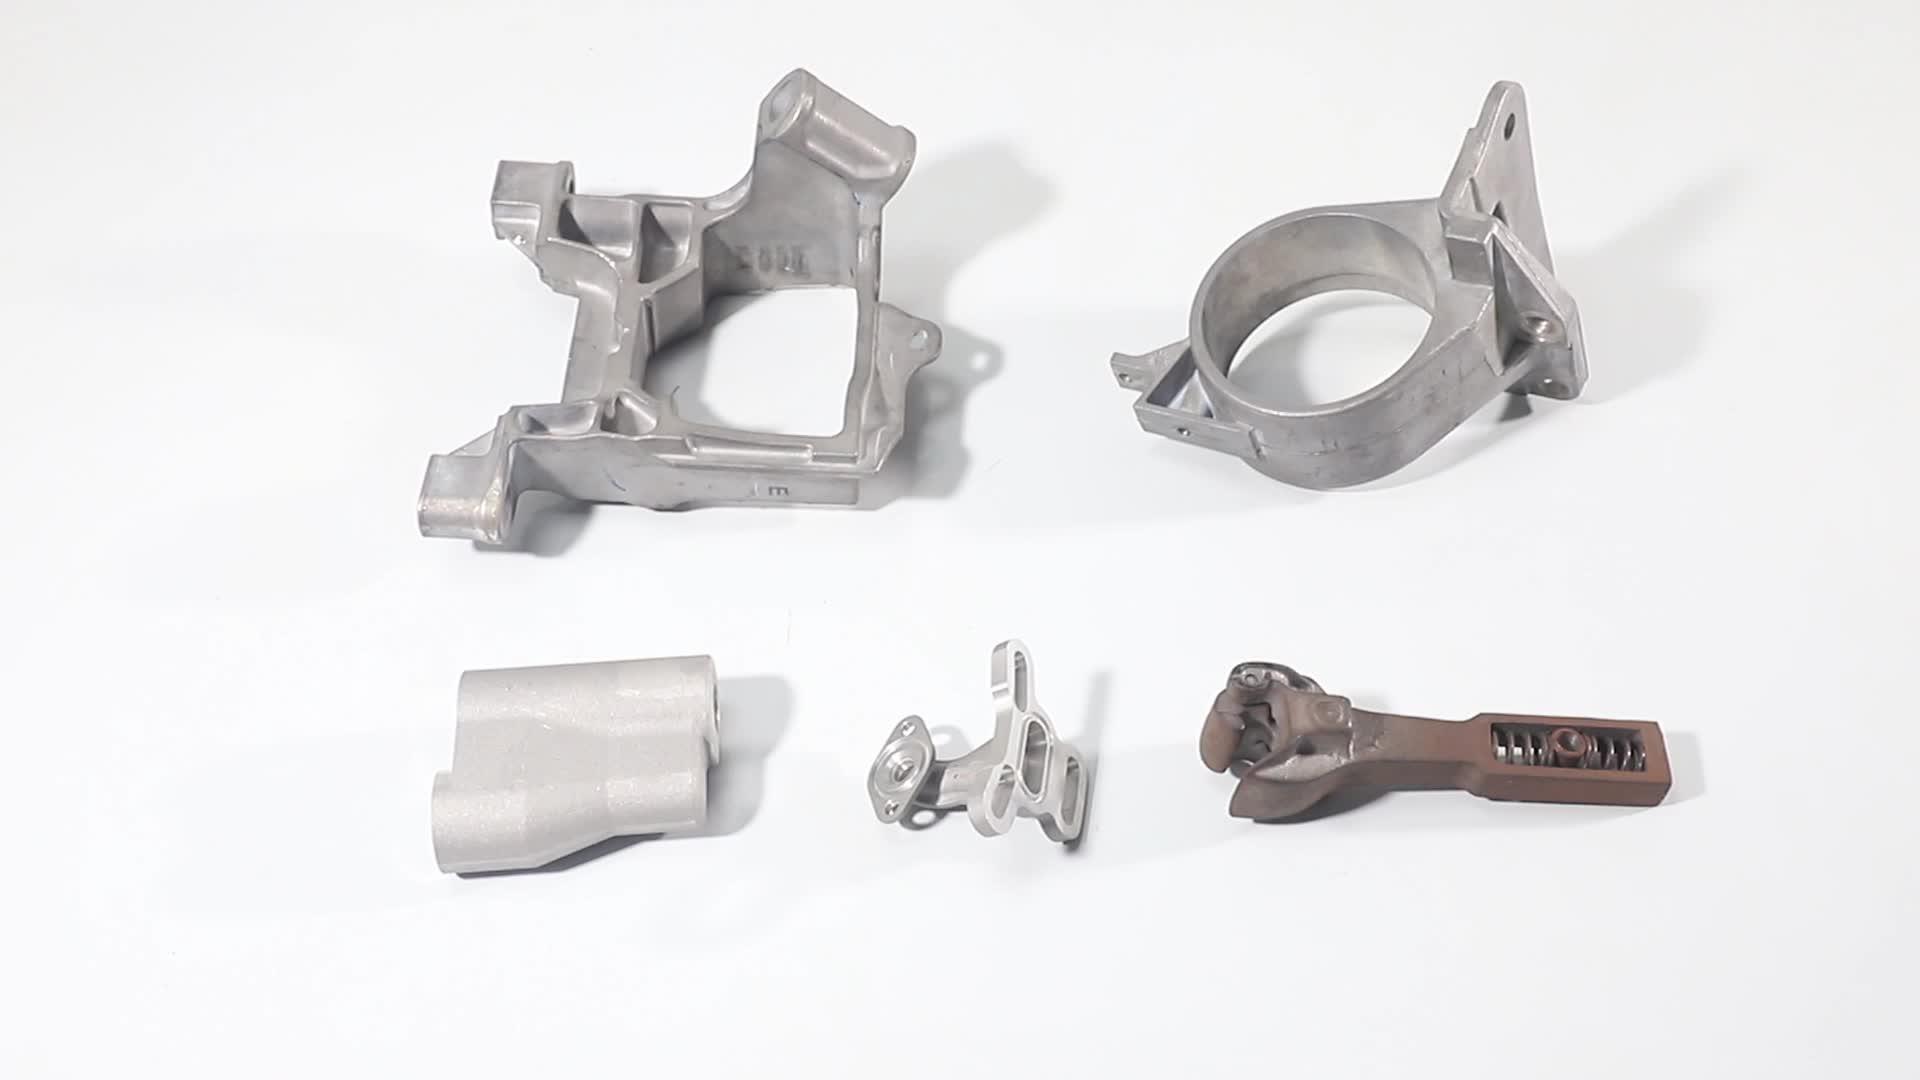 China Fabrik Professional Kunden Hohe Präzision Cnc Drehen Bearbeitung Druckguss Metall Teile Wasserdichten Stecker teile